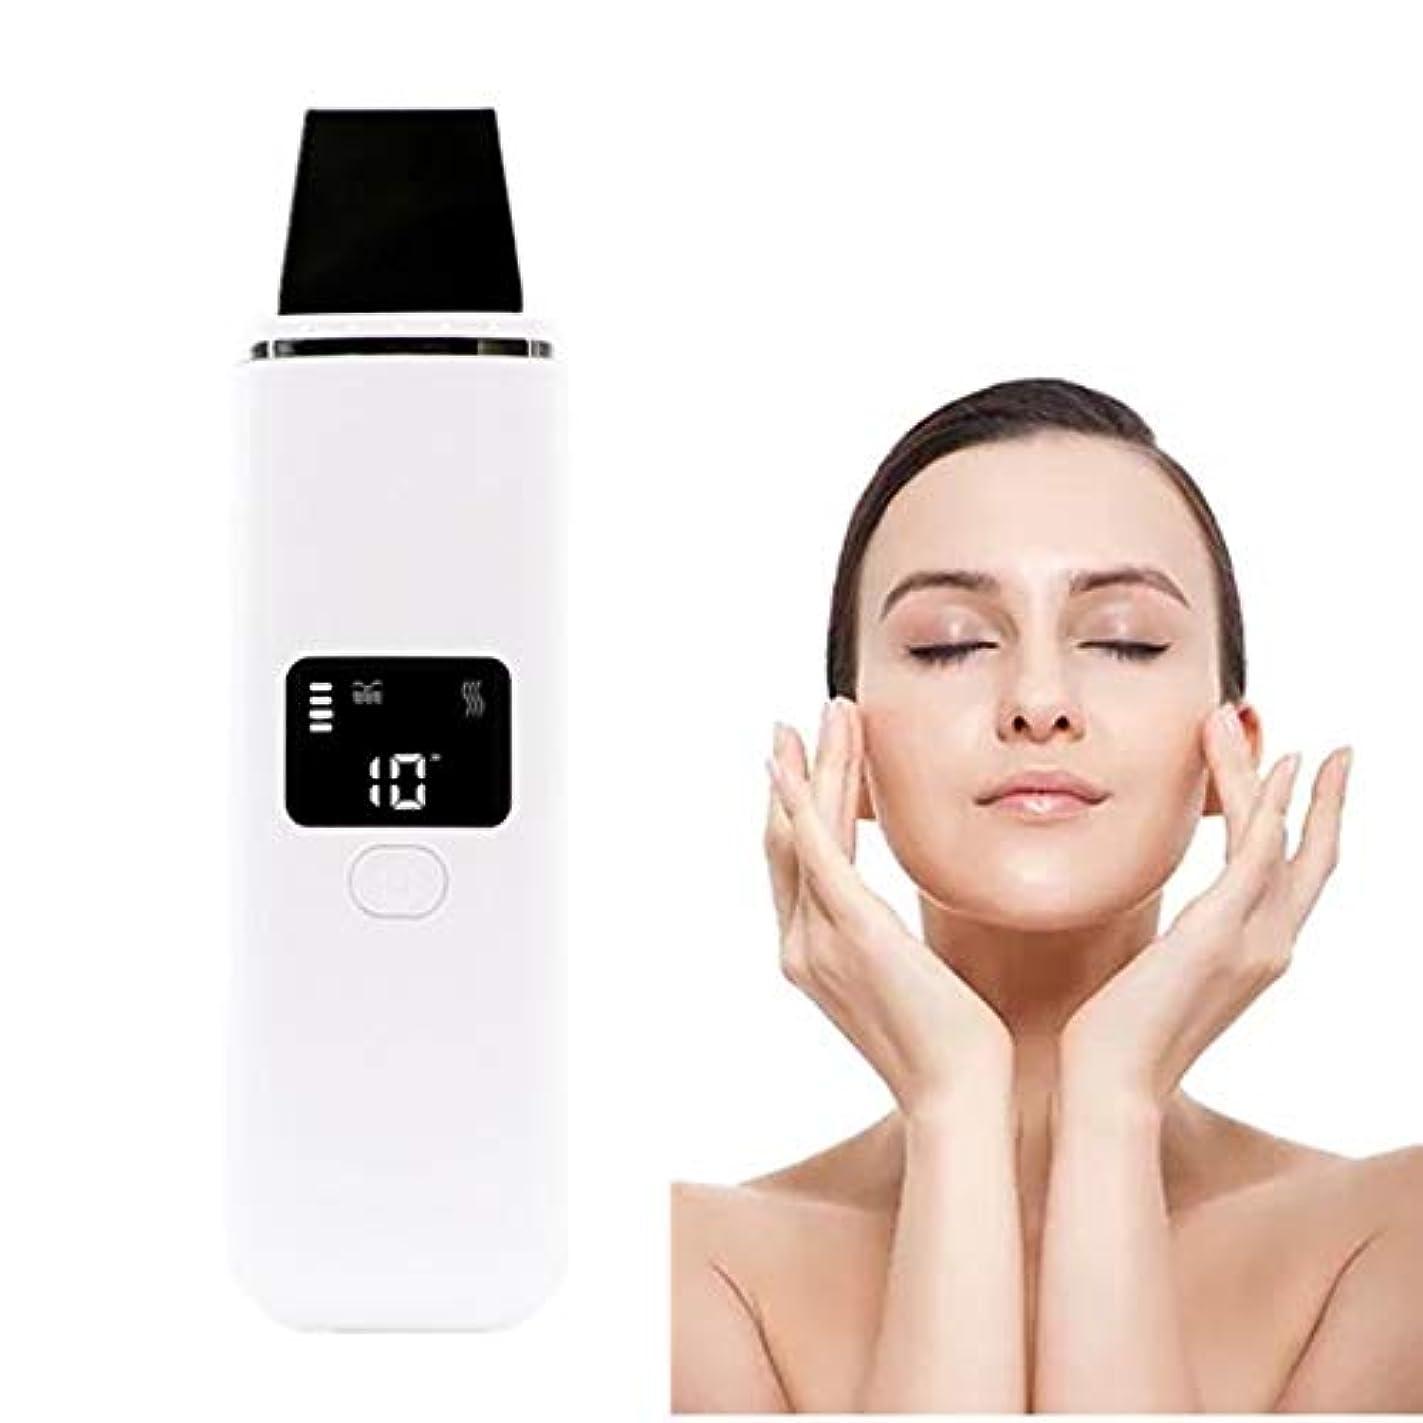 常習的くぼみ密輸ピーリングリフティングEMSクレンジングピーリングスキンヘラジェントルケアピーリングしわ除去機と顔の皮膚のスクラバーブラックヘッドリムーバー毛穴の掃除機のUSB充電式デバイス